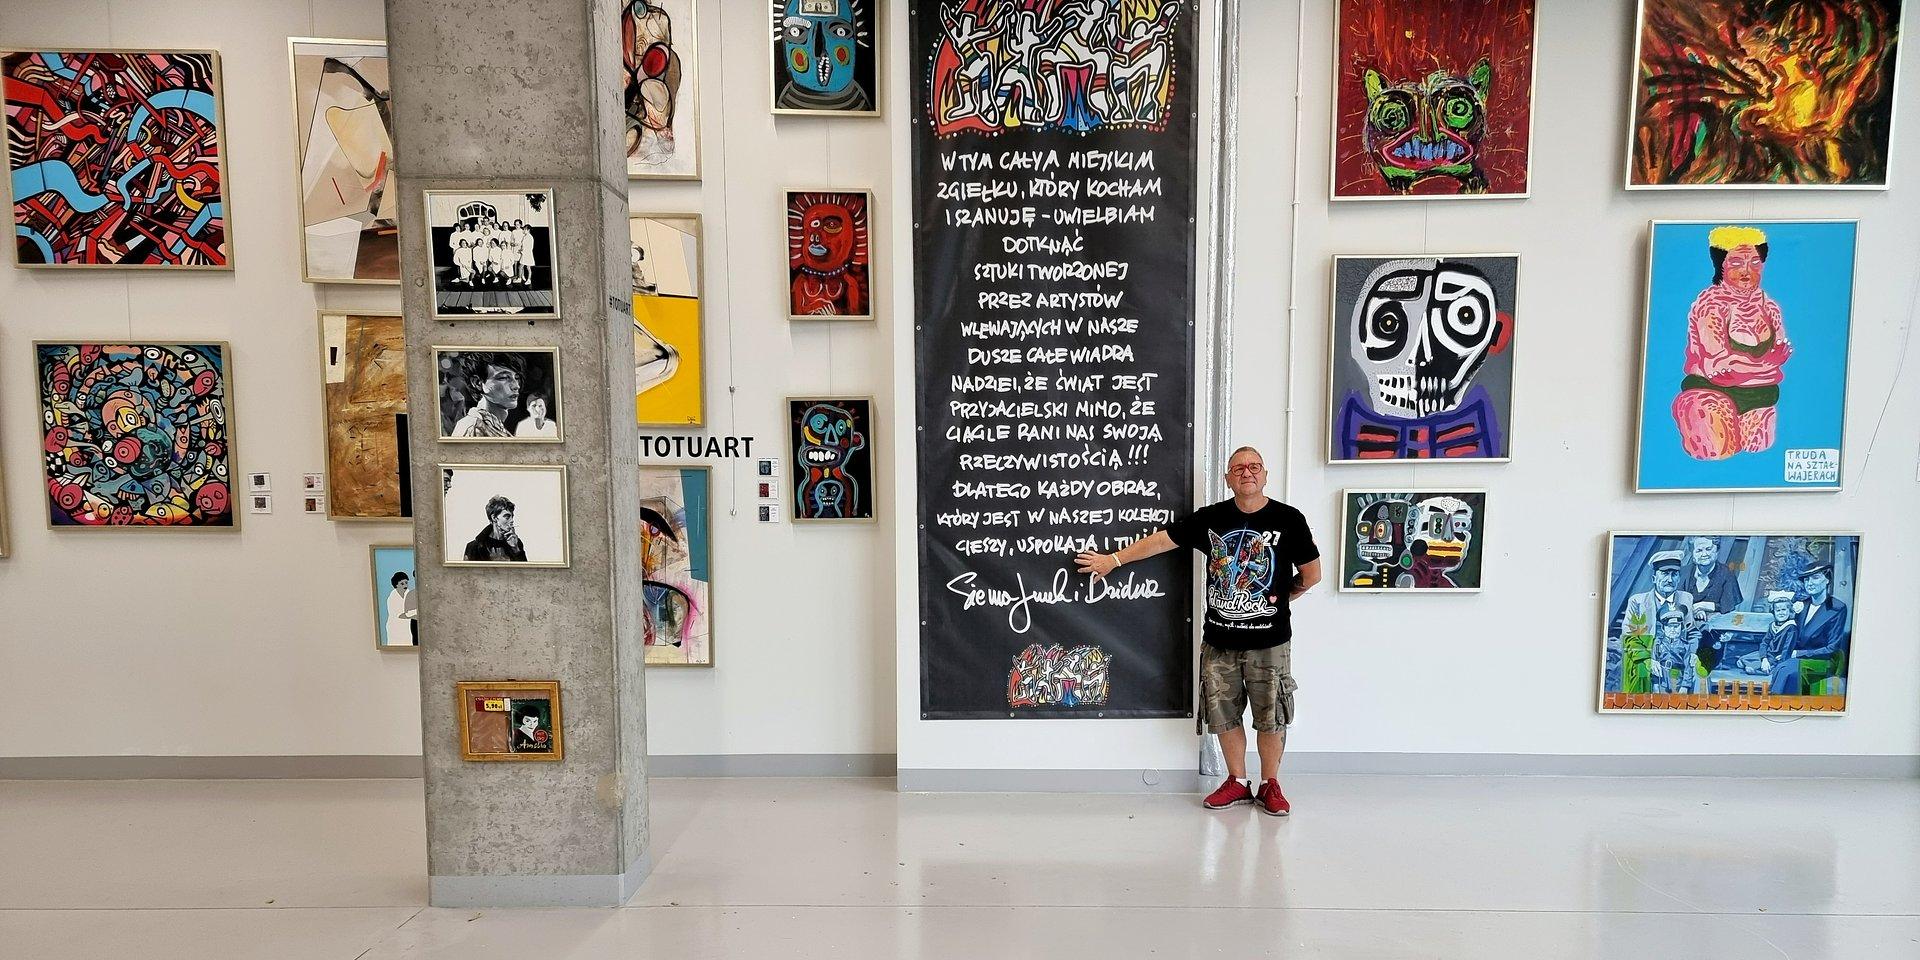 Miejski Zgiełk, czyli wystawa ze zbiorów Jerzego i Lidii Owsiak w Koneserze